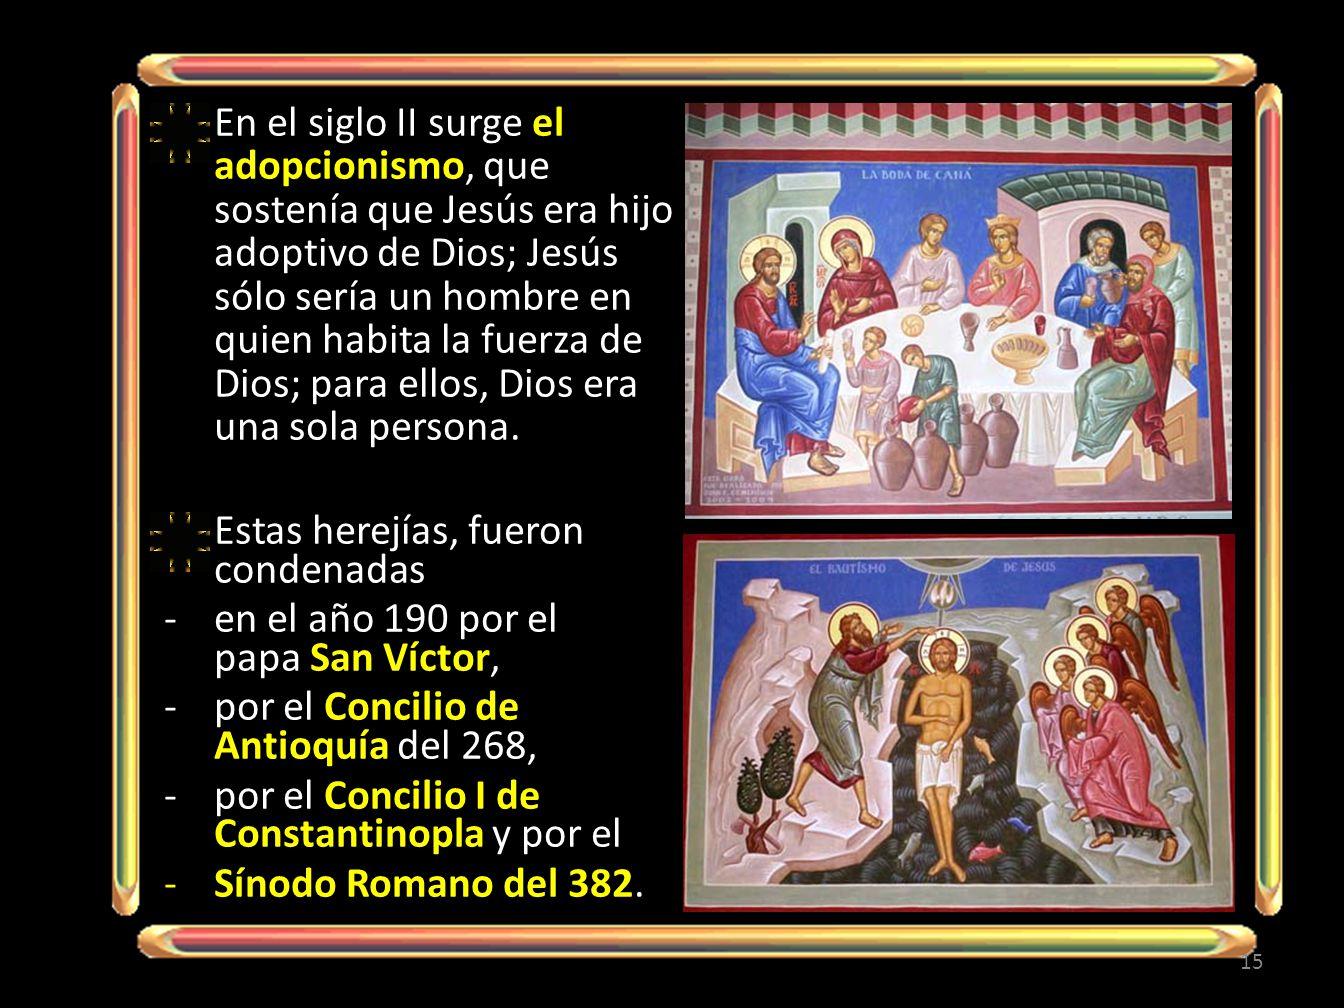 En el siglo II surge el adopcionismo, que sostenía que Jesús era hijo adoptivo de Dios; Jesús sólo sería un hombre en quien habita la fuerza de Dios; para ellos, Dios era una sola persona.